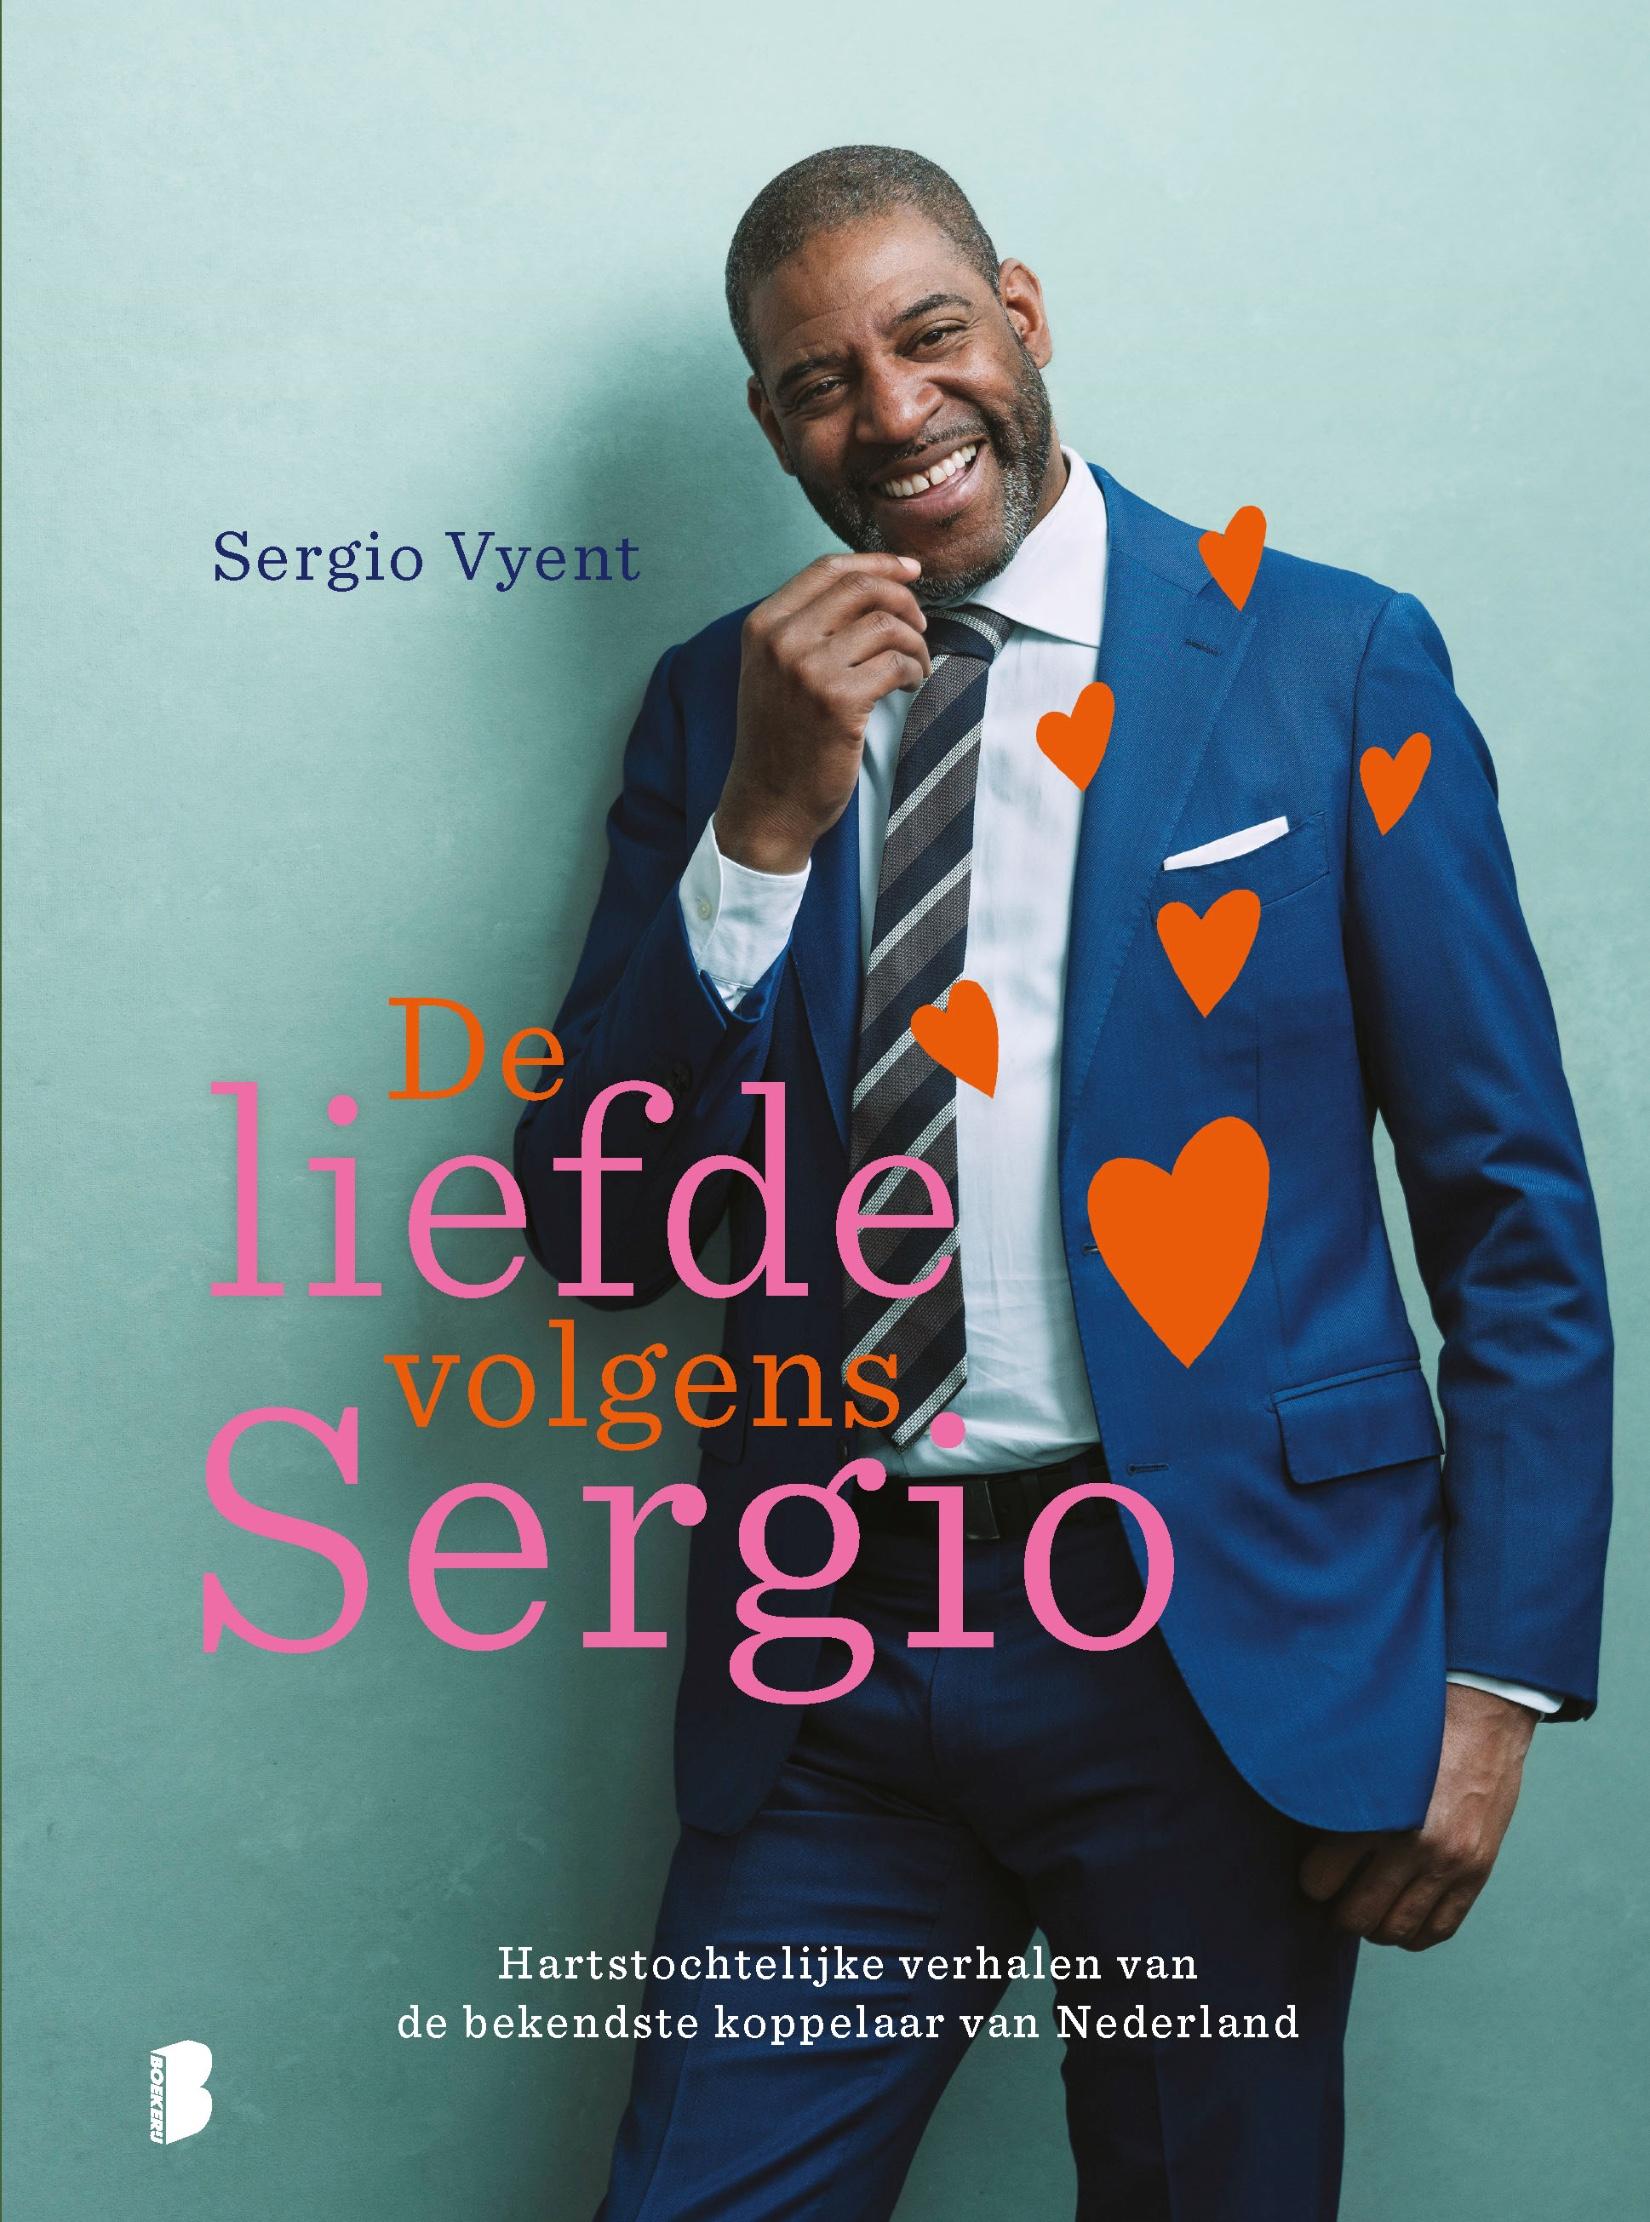 De liefde volgens Sergio - boekenflits